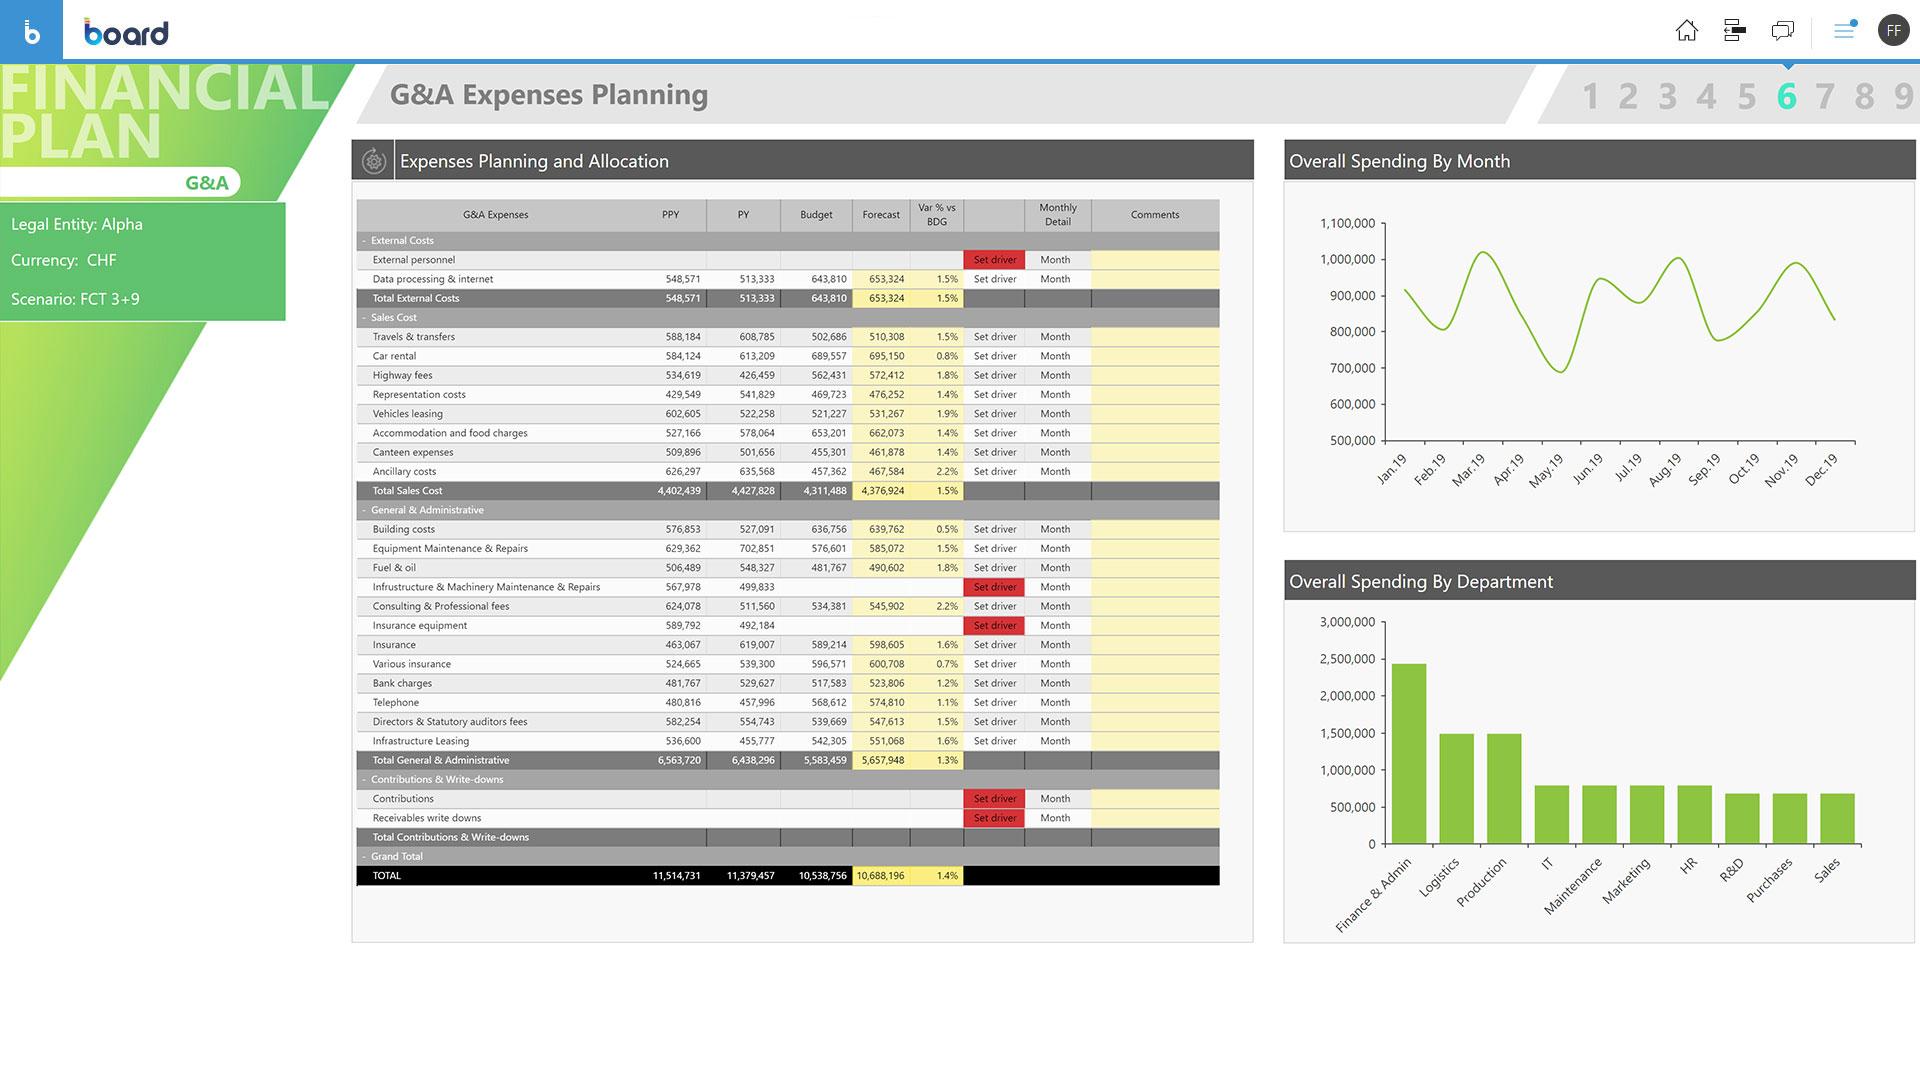 Planification financière du Retail dans tous les départements de l'entreprise